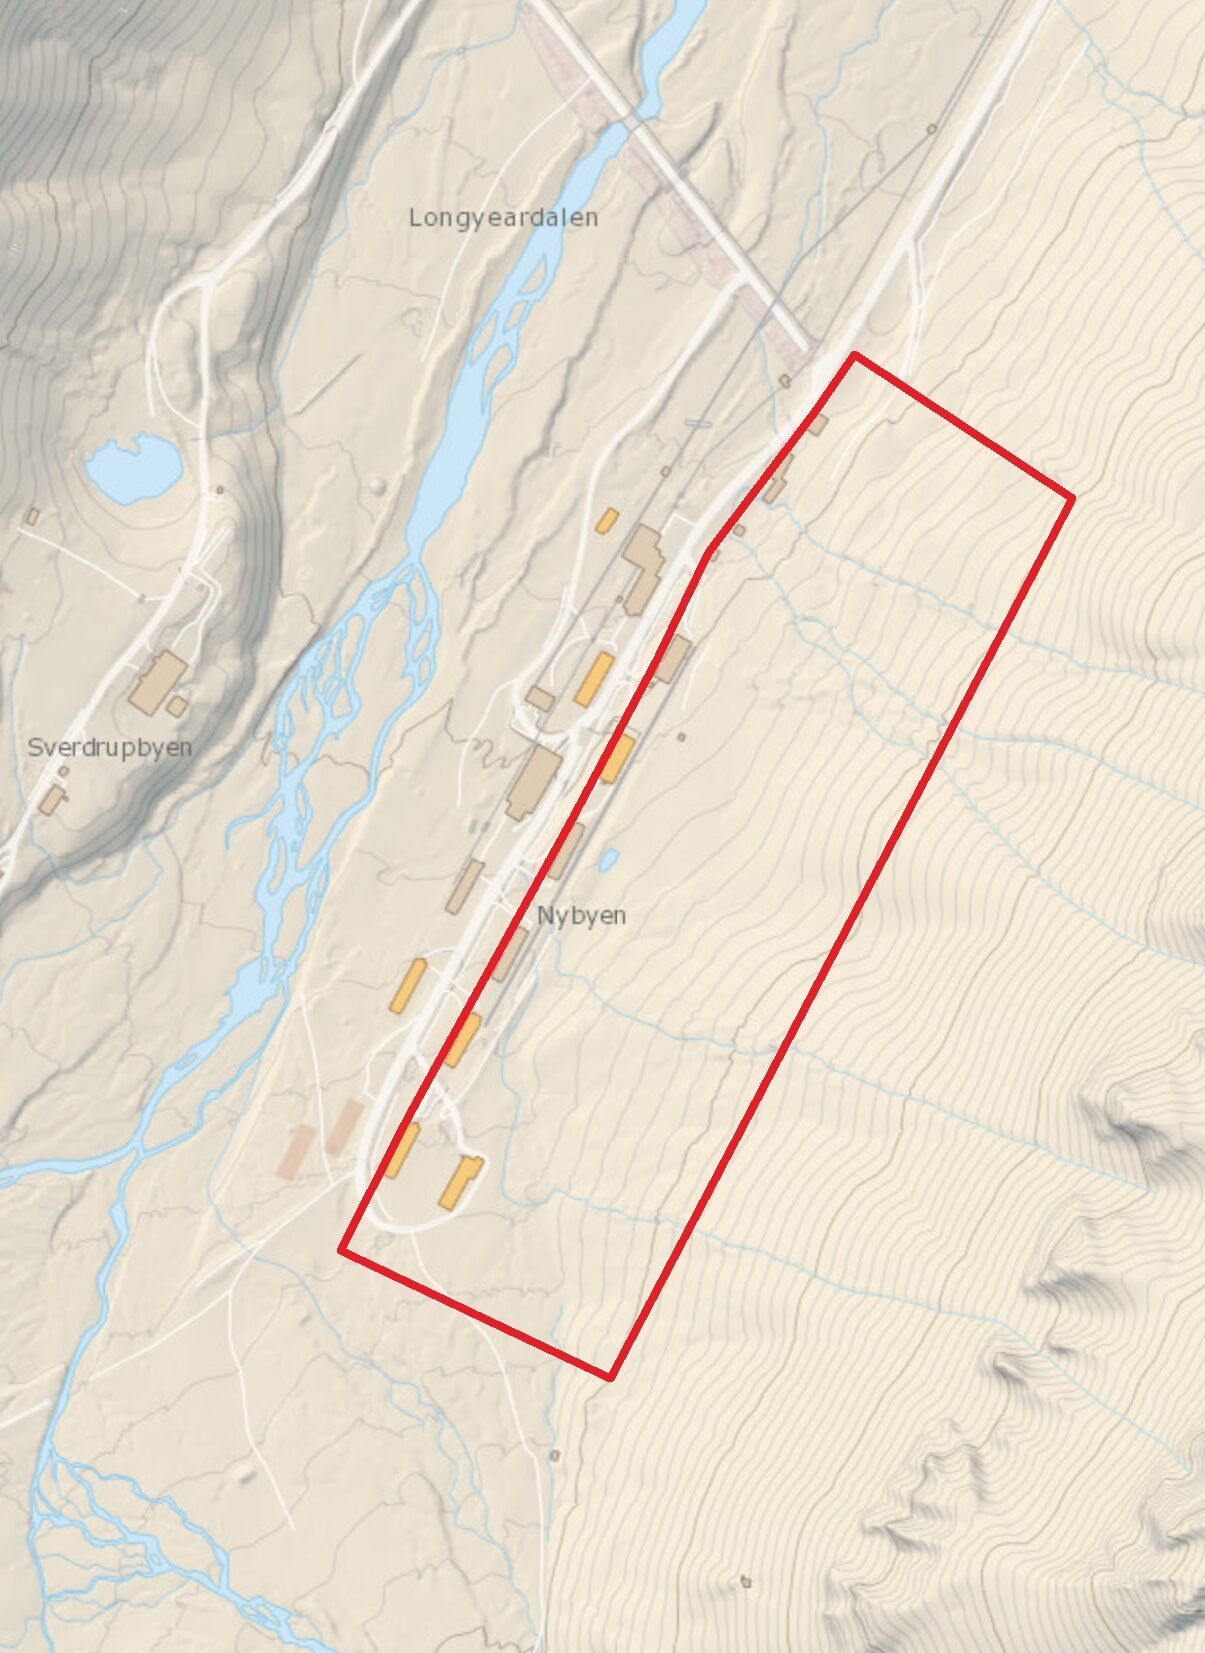 Påsken 2019 evakuering Nybyen